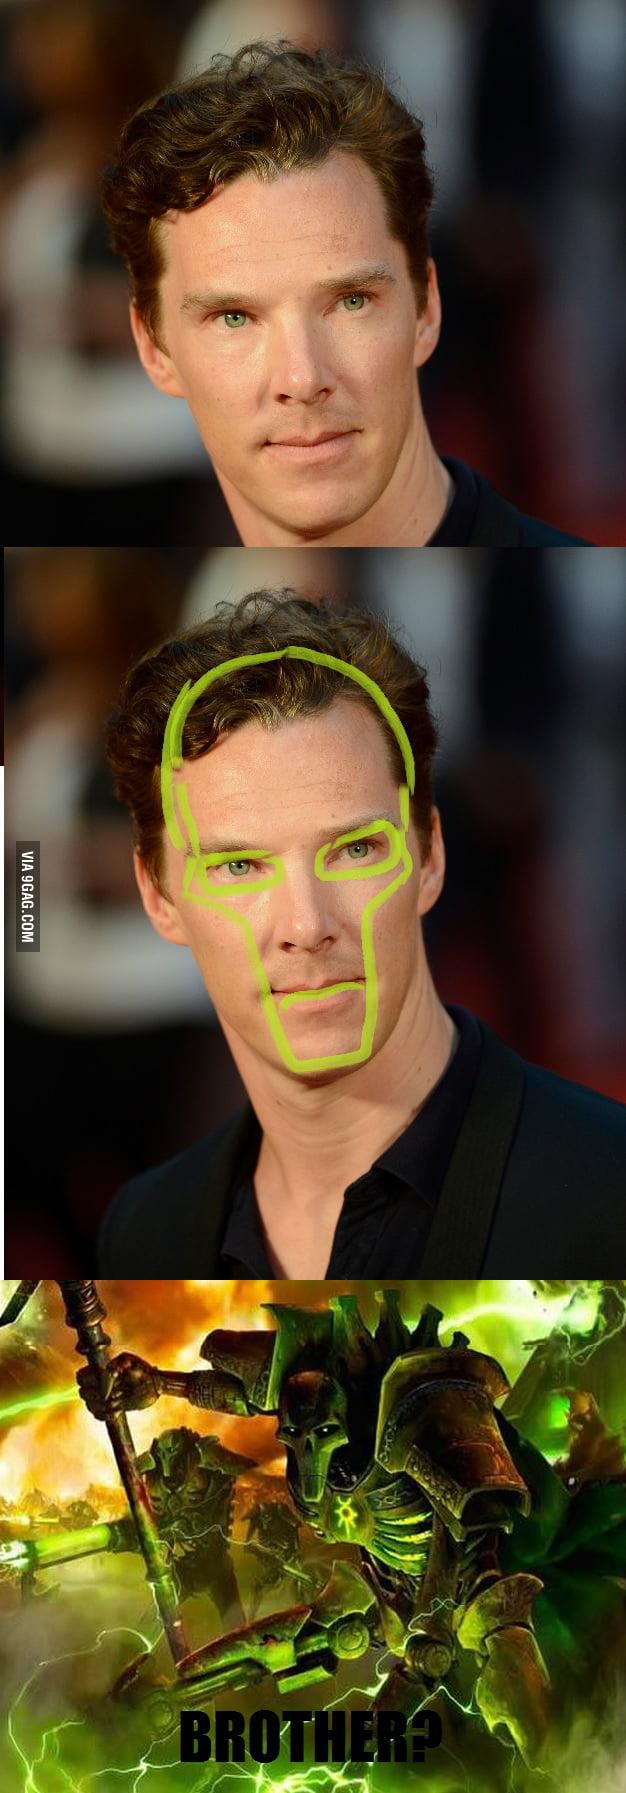 Benedict Cumberbatch's cheekbones explained.